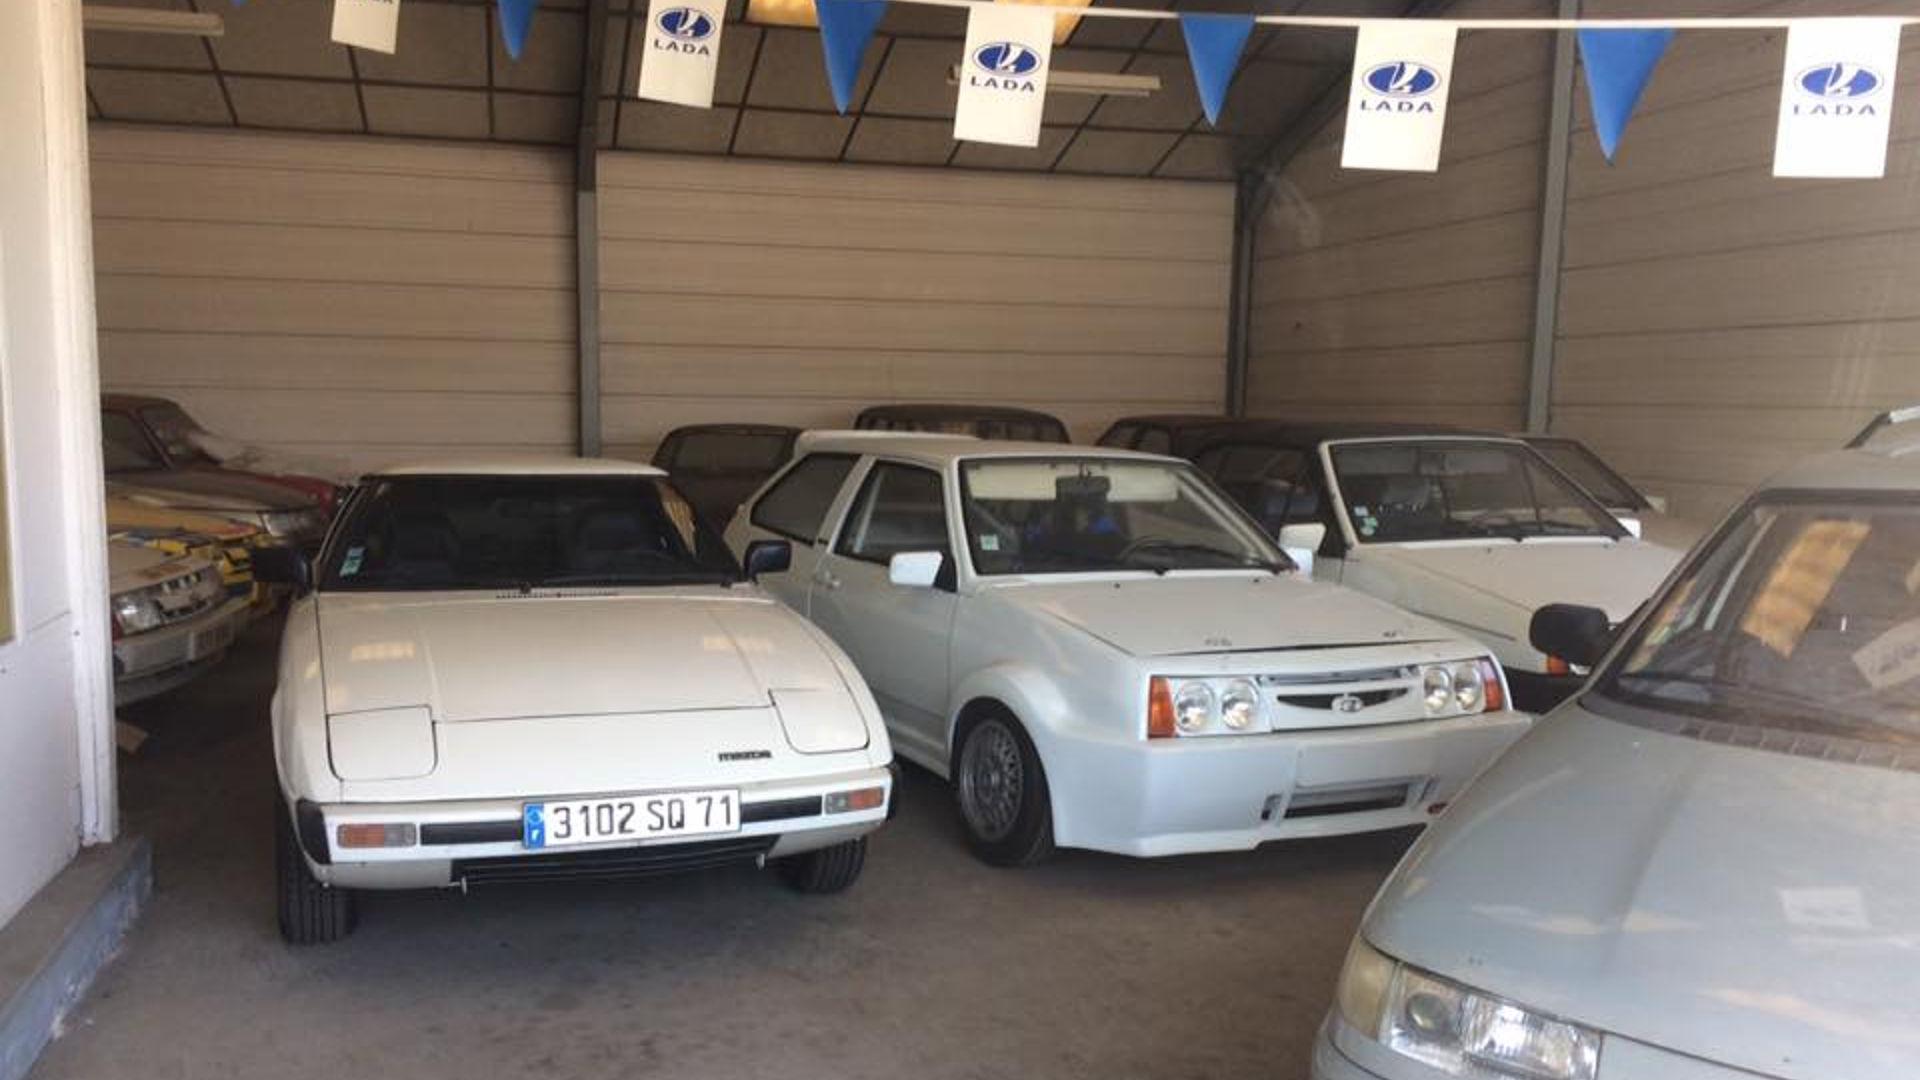 Abandoned_French_Lada_dealership_03